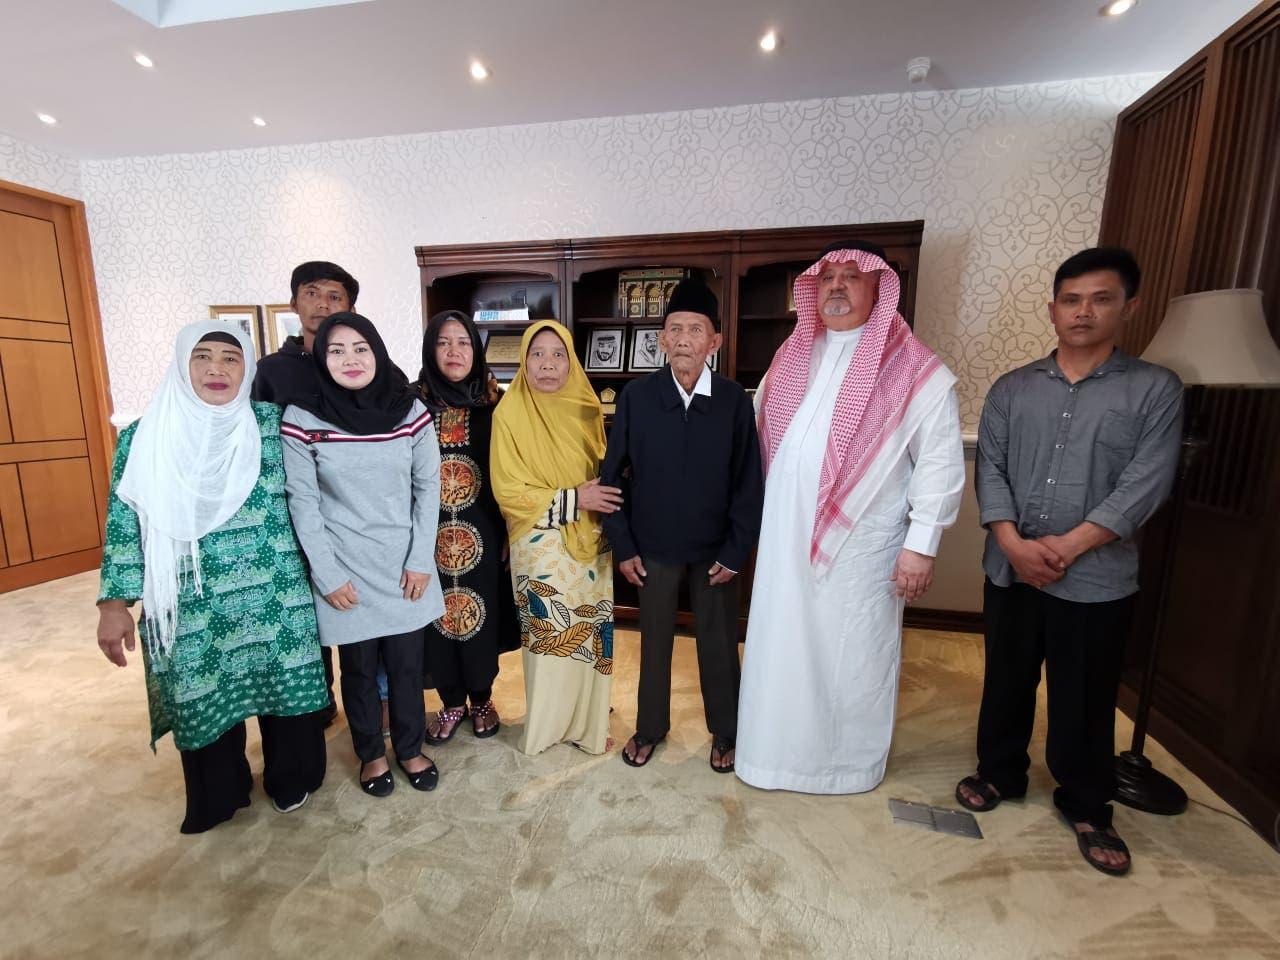 عائلة المعمر الإندونيسي مع السفير السعودي